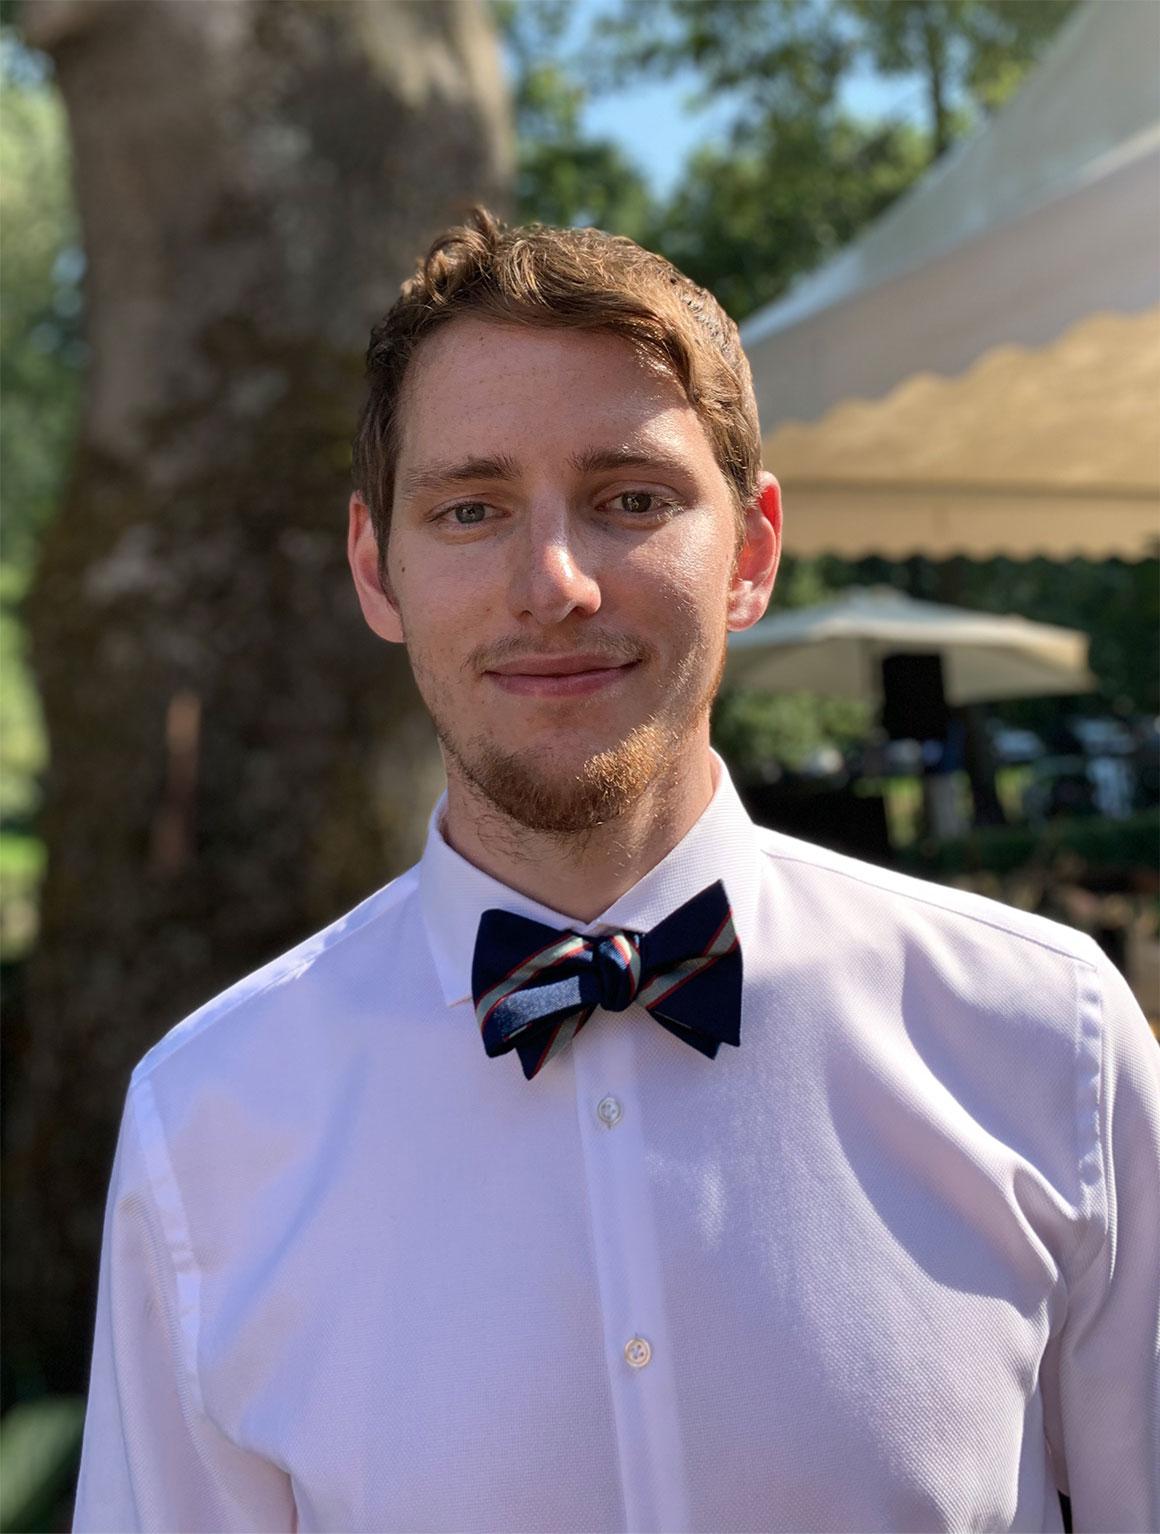 Martin Fabry PhD